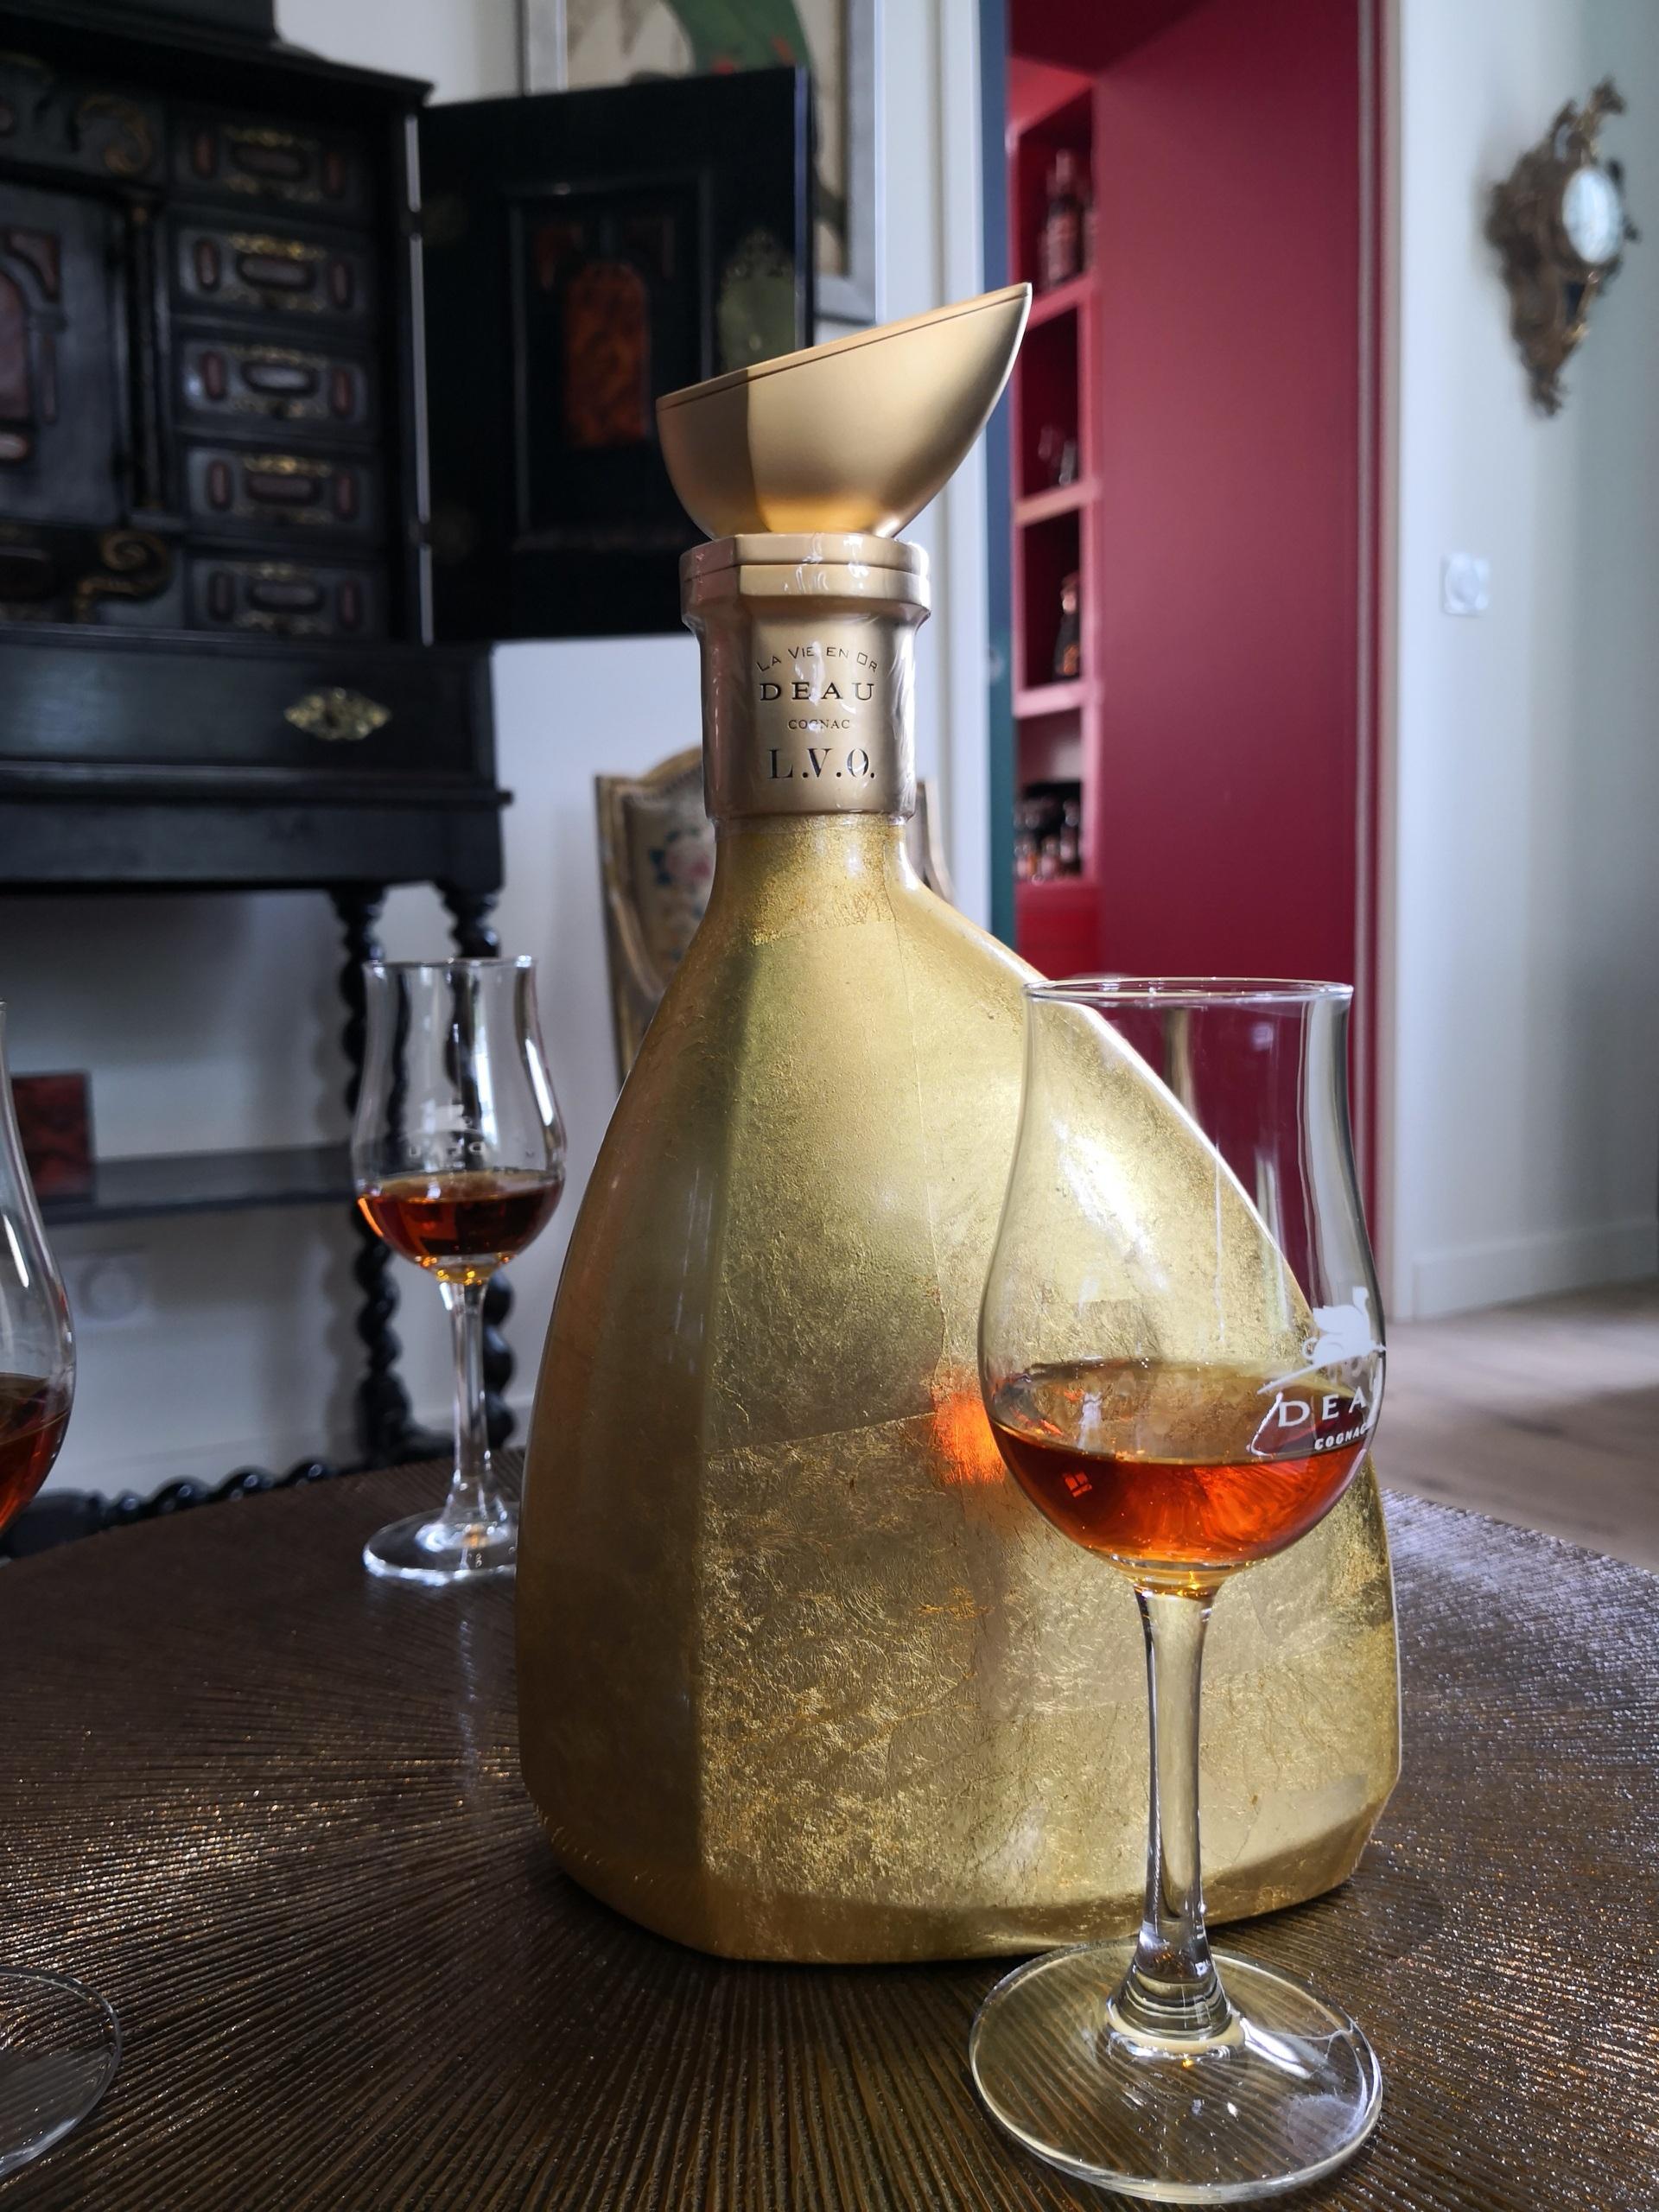 Cognac Deau